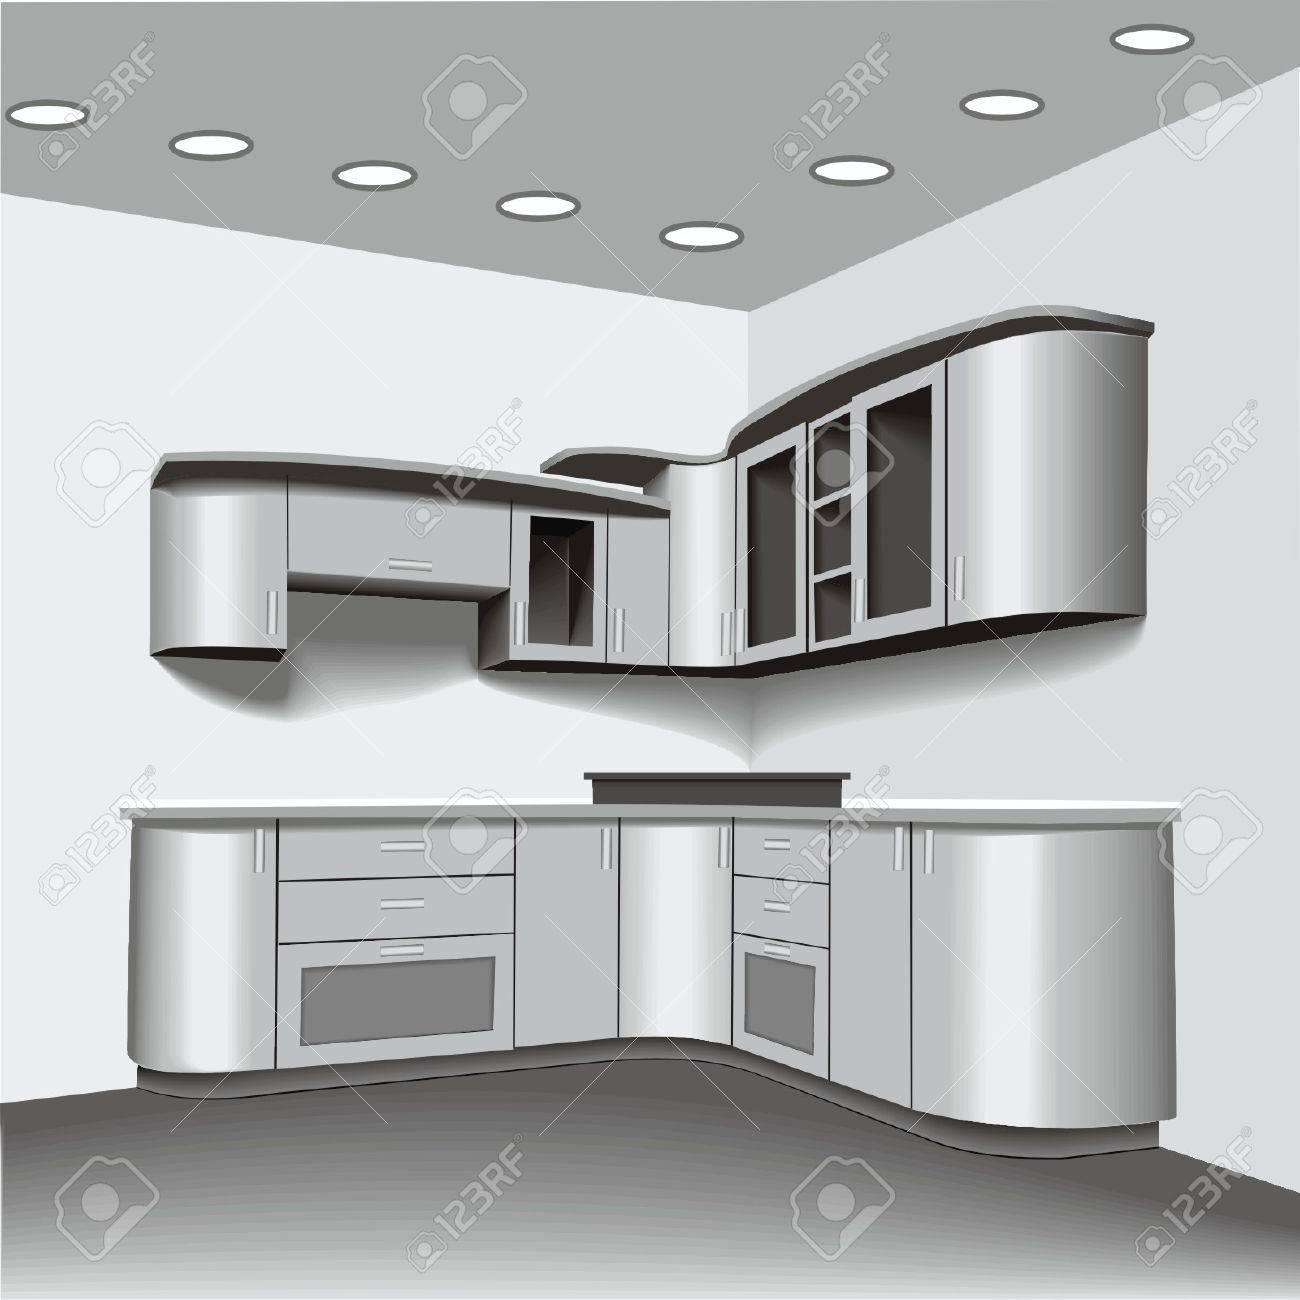 kitchen Stock Vector - 17365219